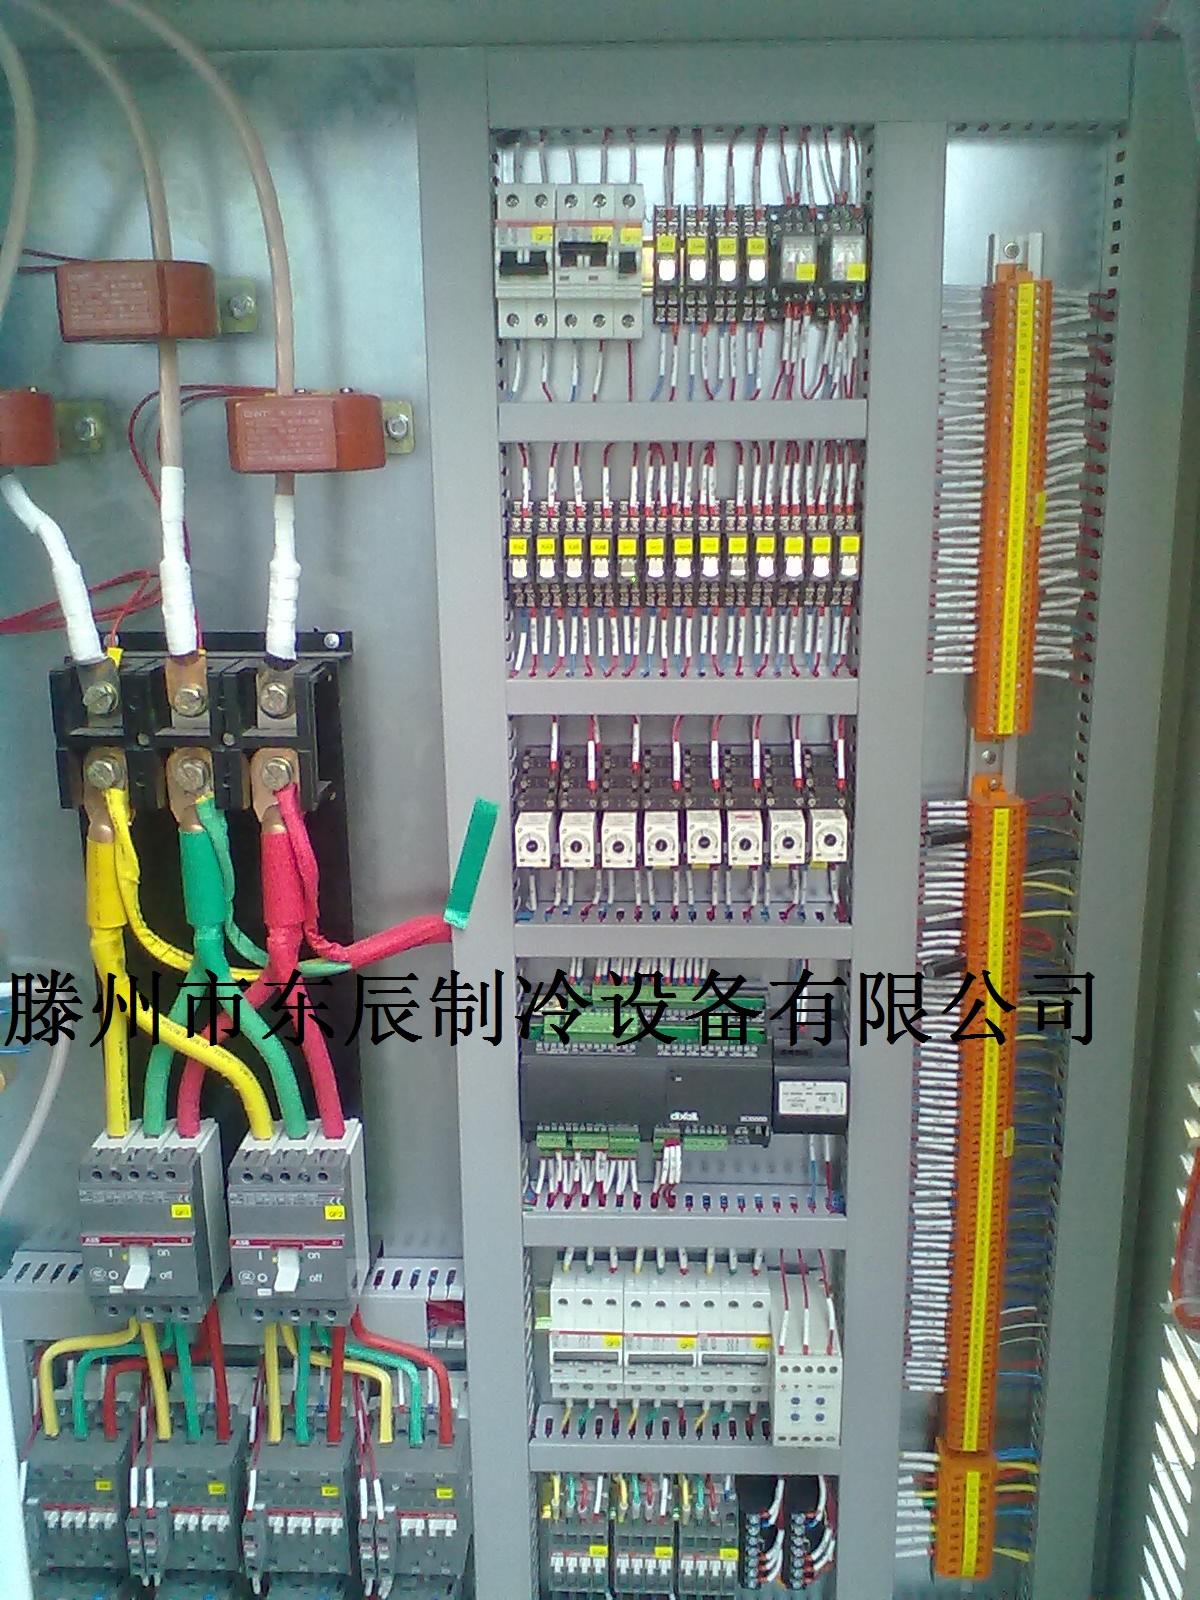 并联螺杆压缩机主电控柜 - 滕州市东辰制冷设备有限